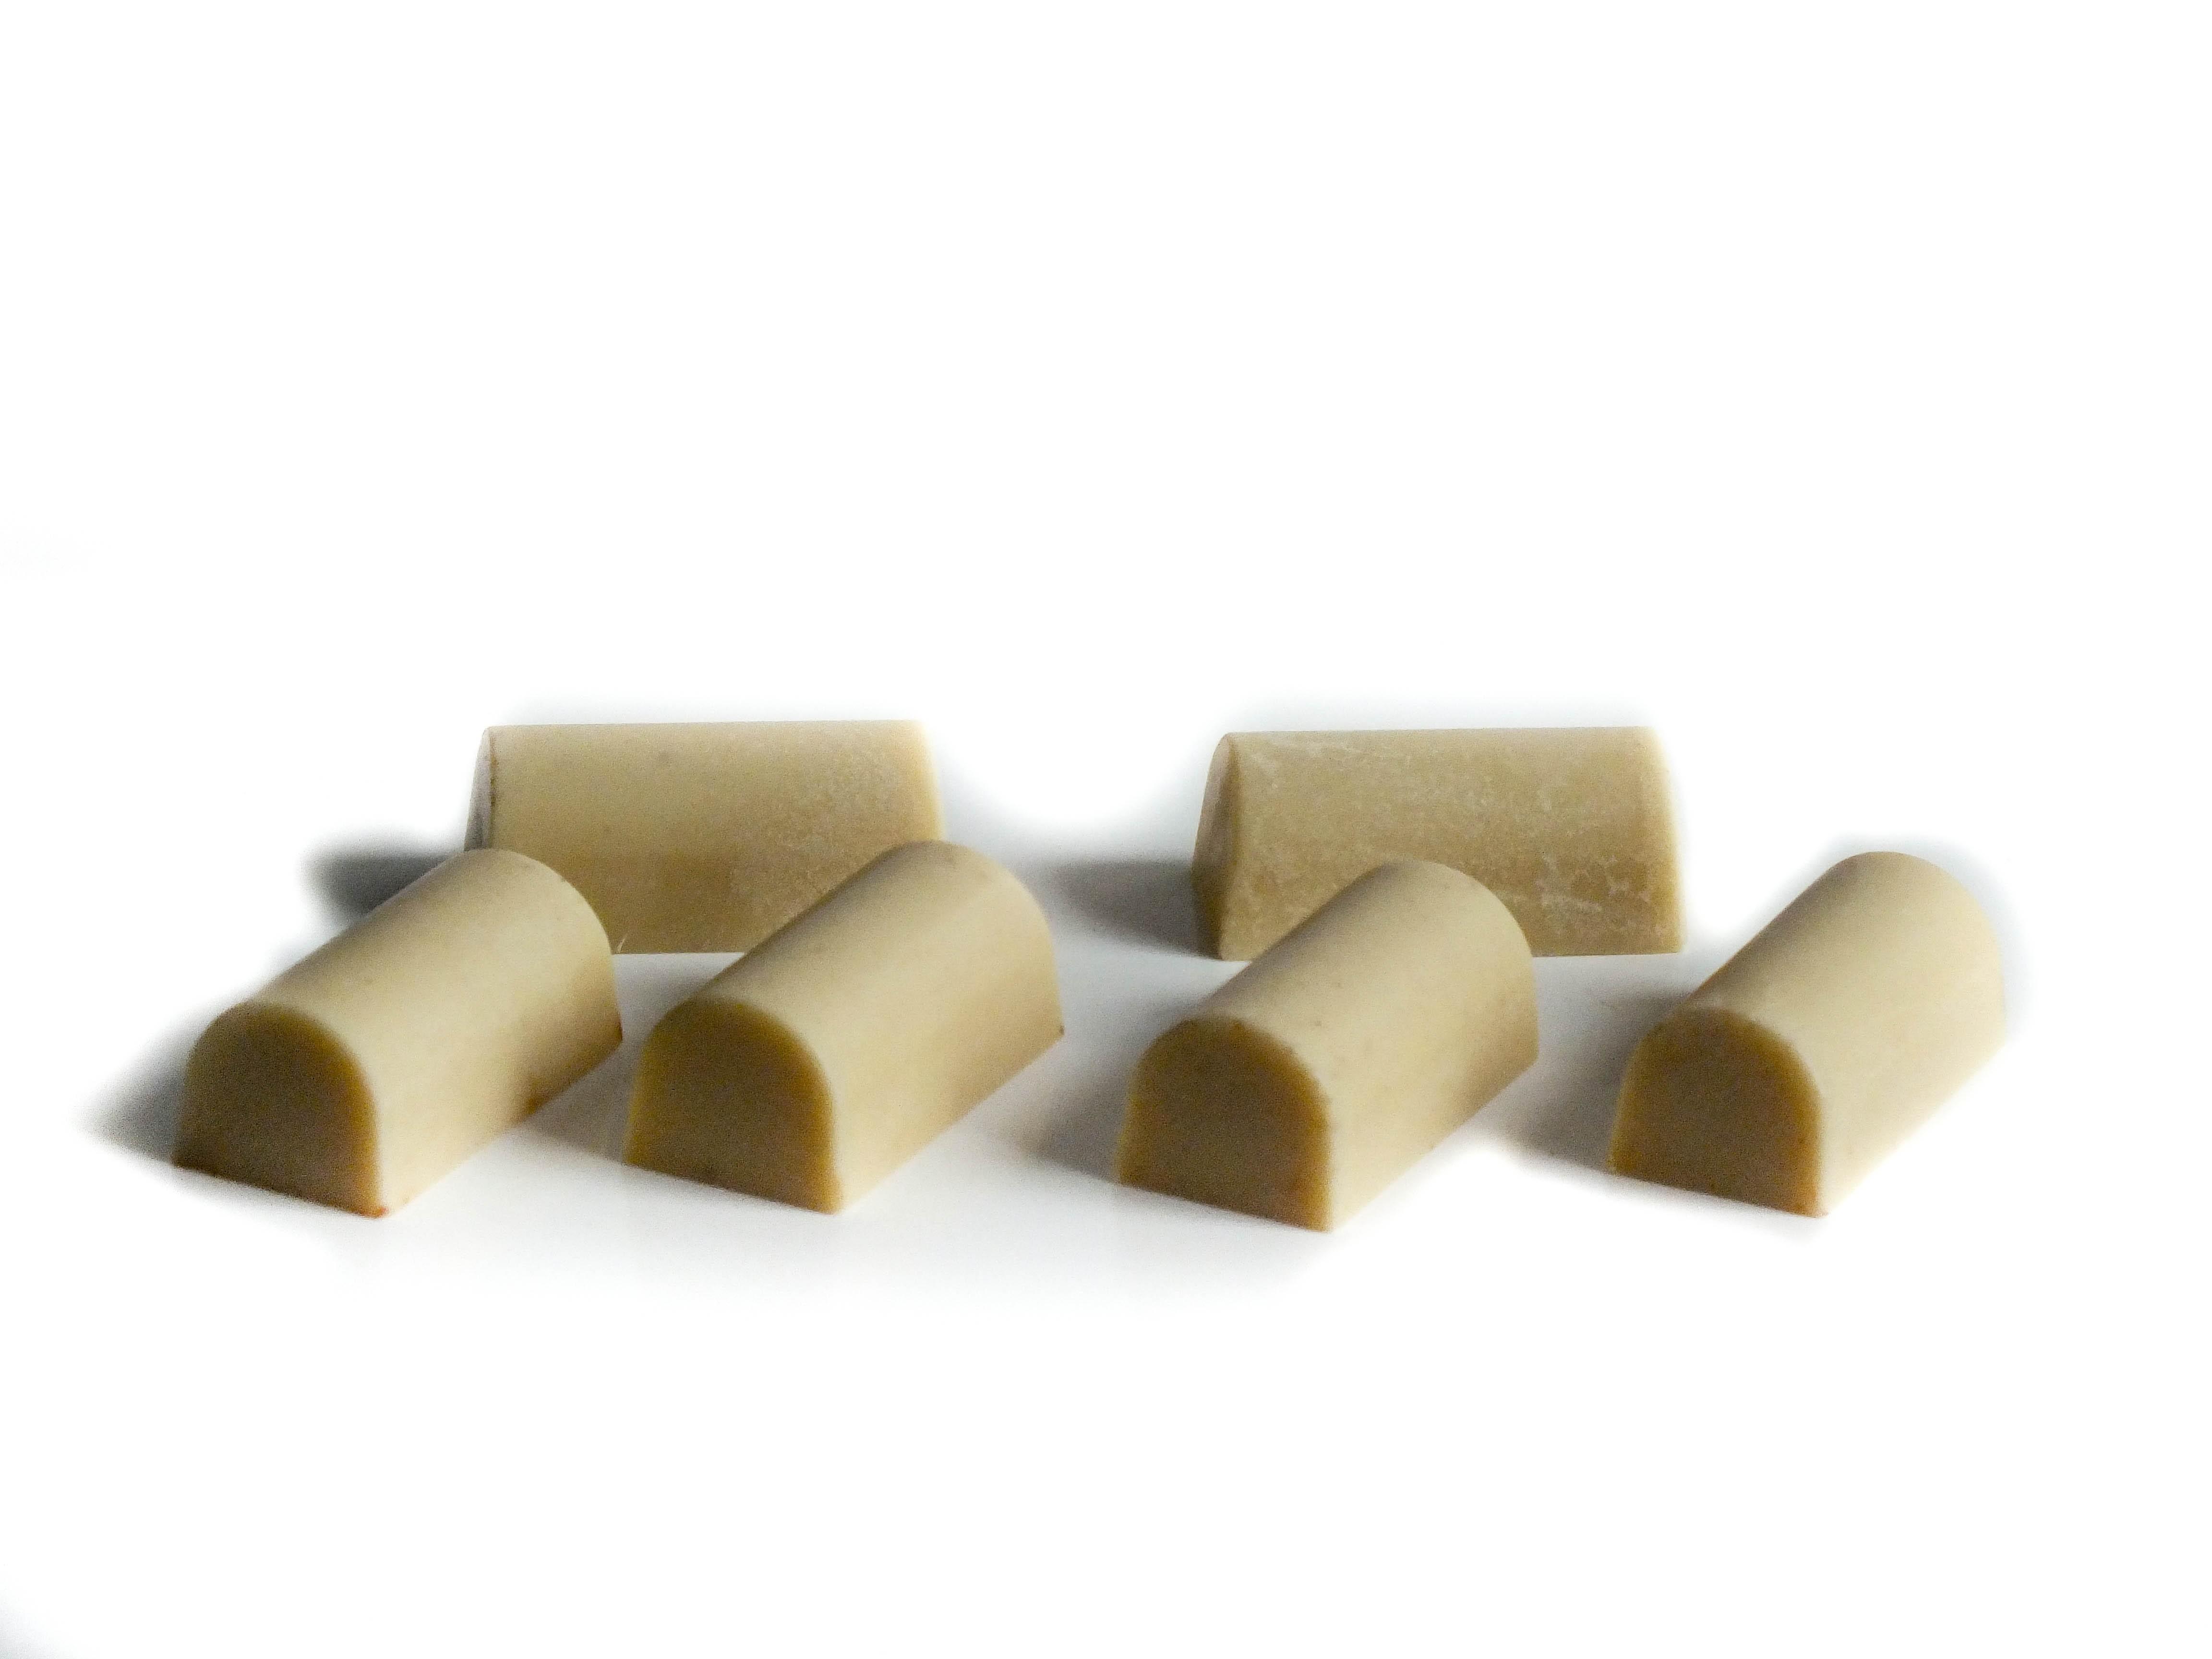 White Chocolate Batons